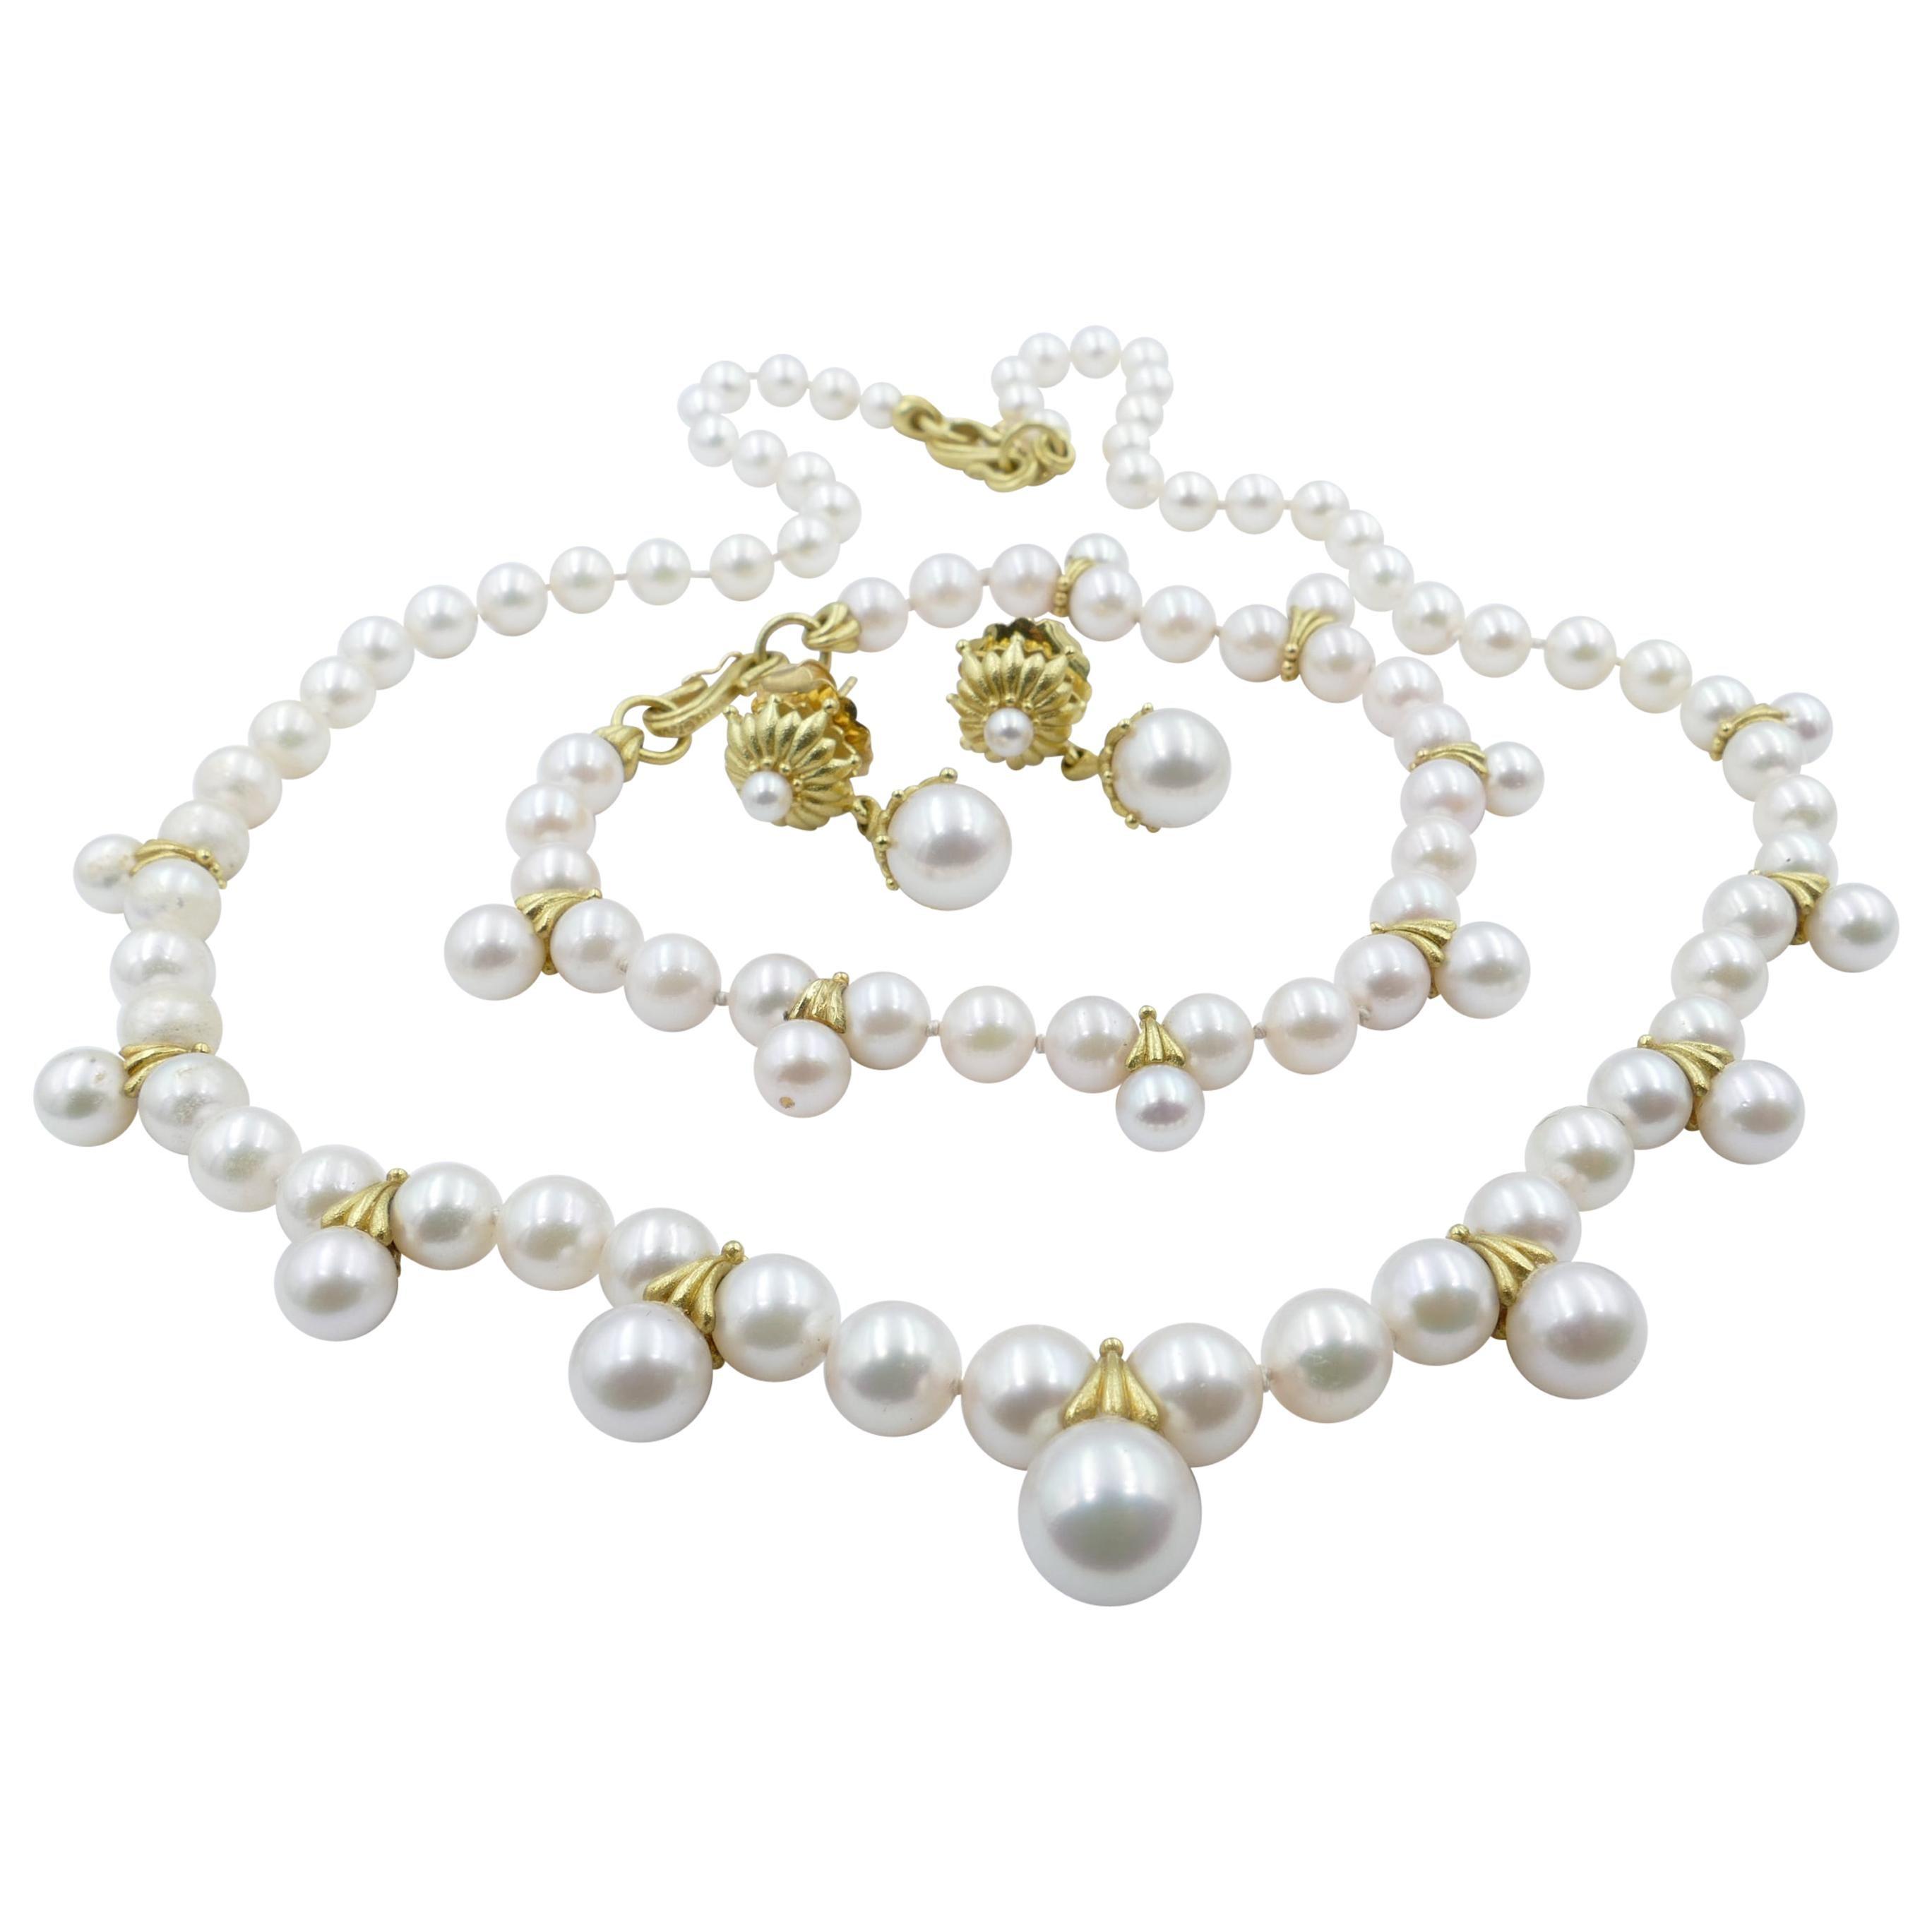 Paul Morelli 18 Karat Yellow Gold Designer Suite of Pearls